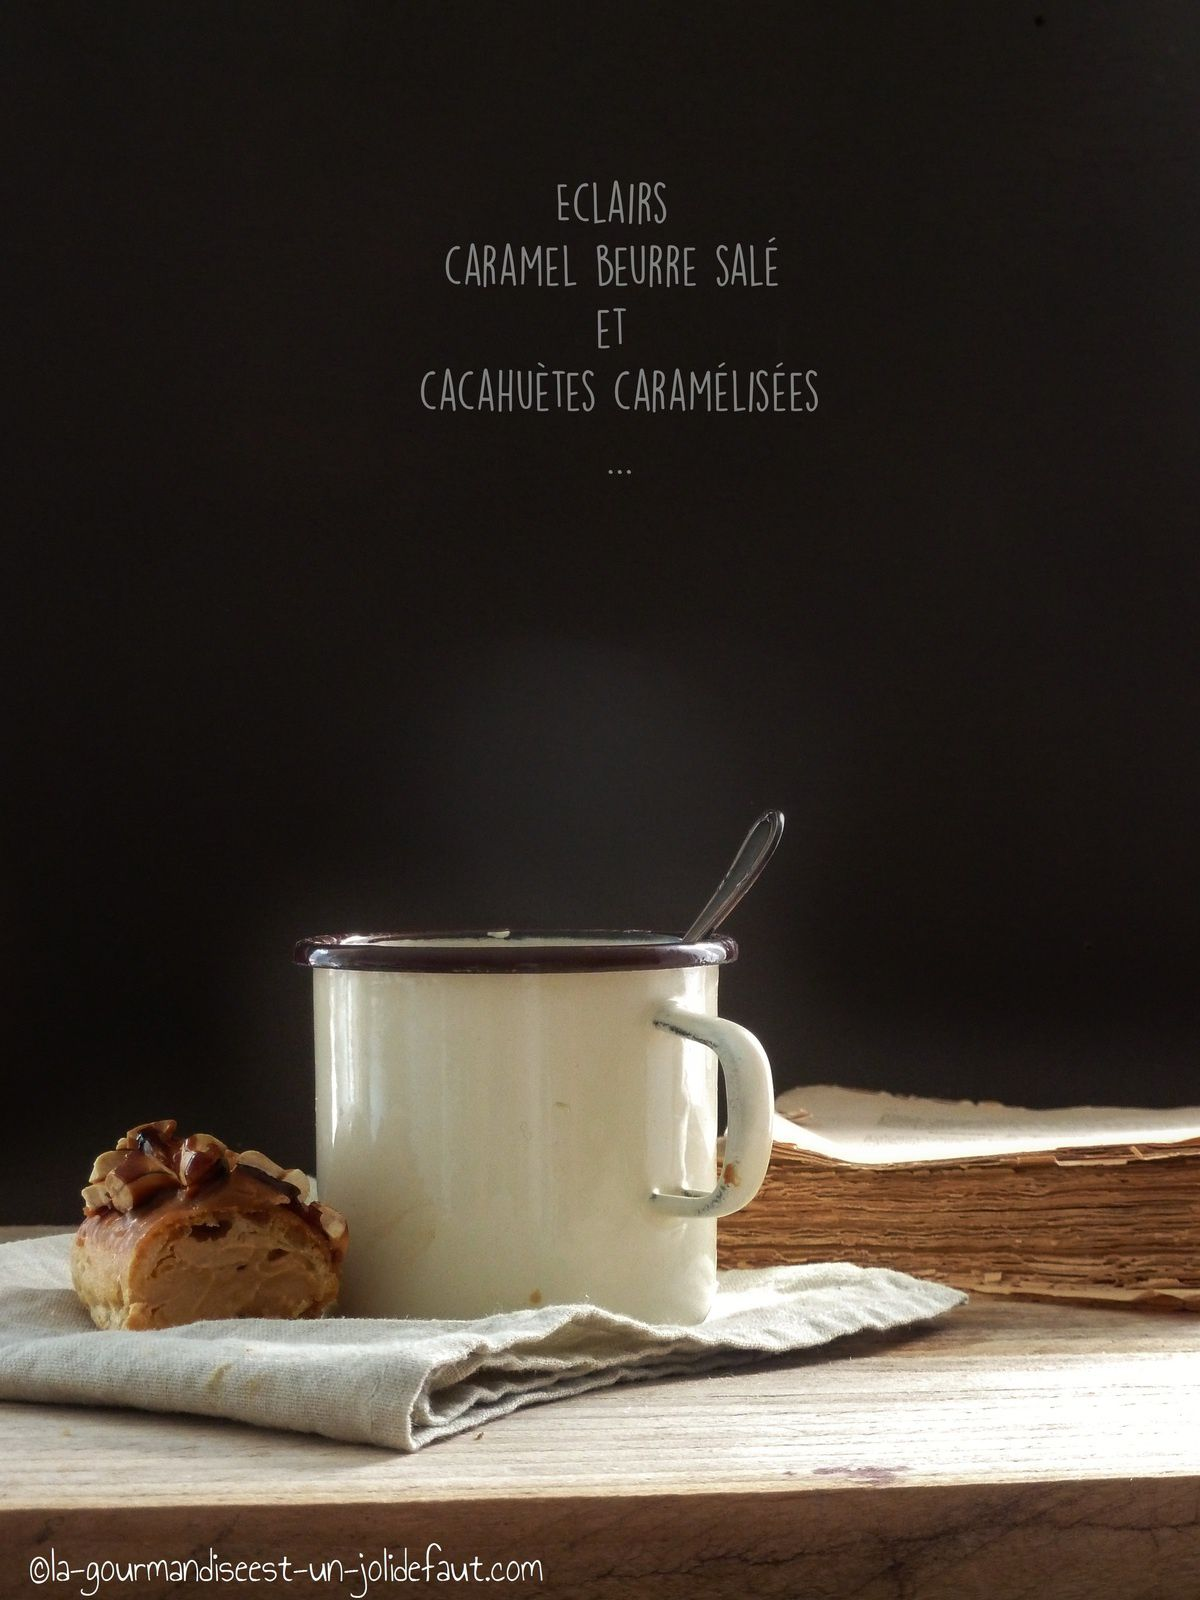 Eclairs au caramel et cacahuètes caramélisées